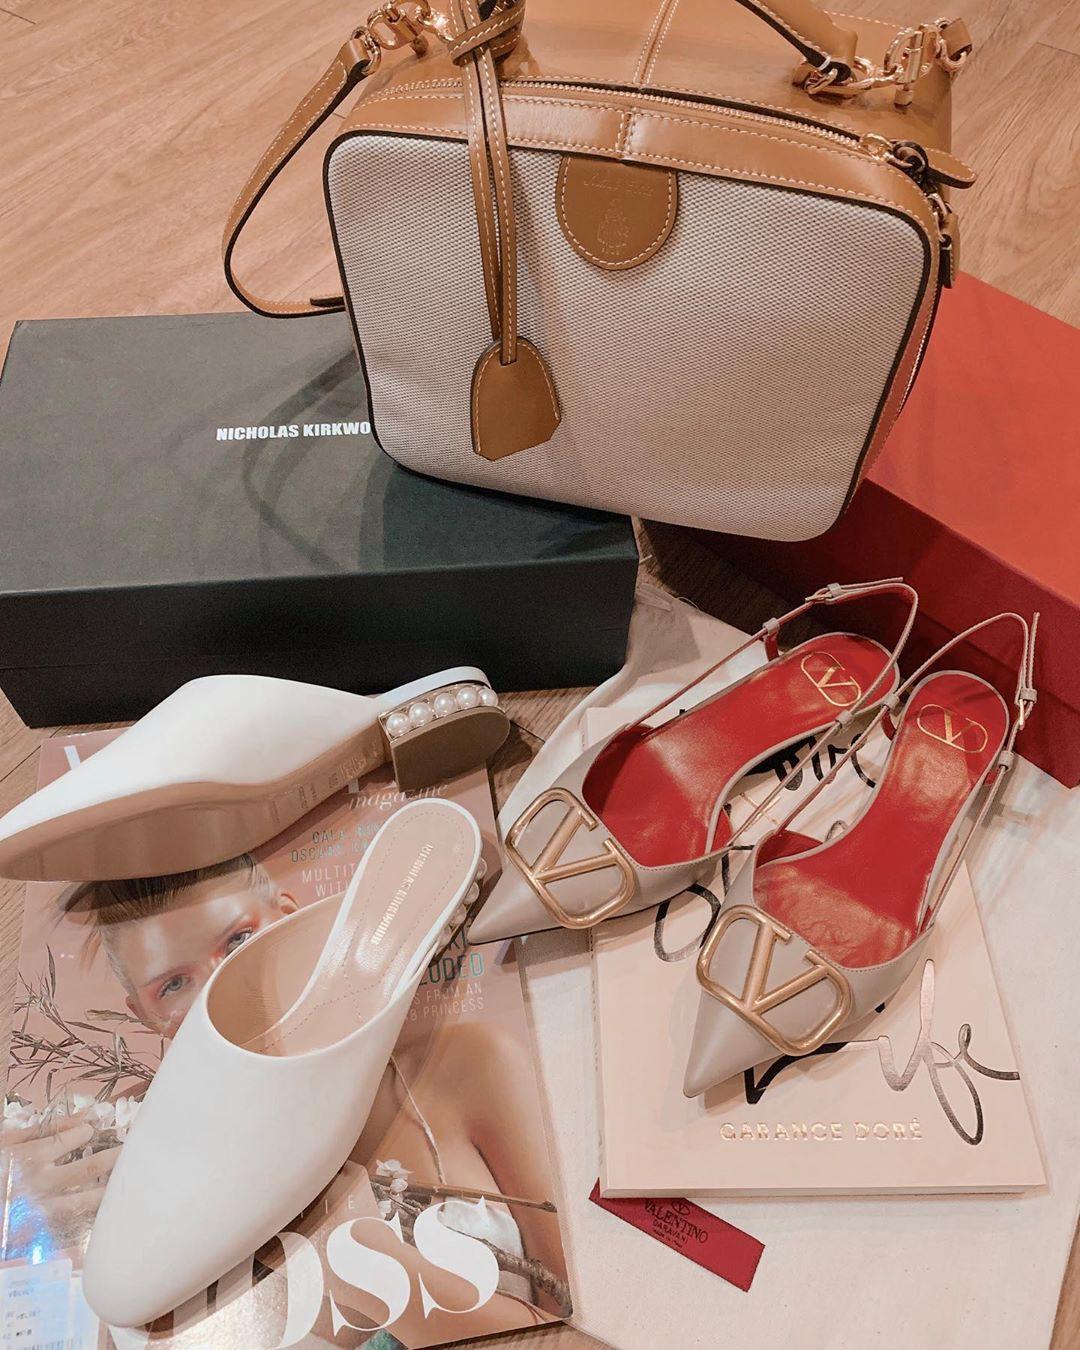 Tủ đồ của nàng công sở mà thiếu đi mẫu giày này thì đã bớt vài phần thú vị, mix đồ cũng khó sang chảnh - Ảnh 12